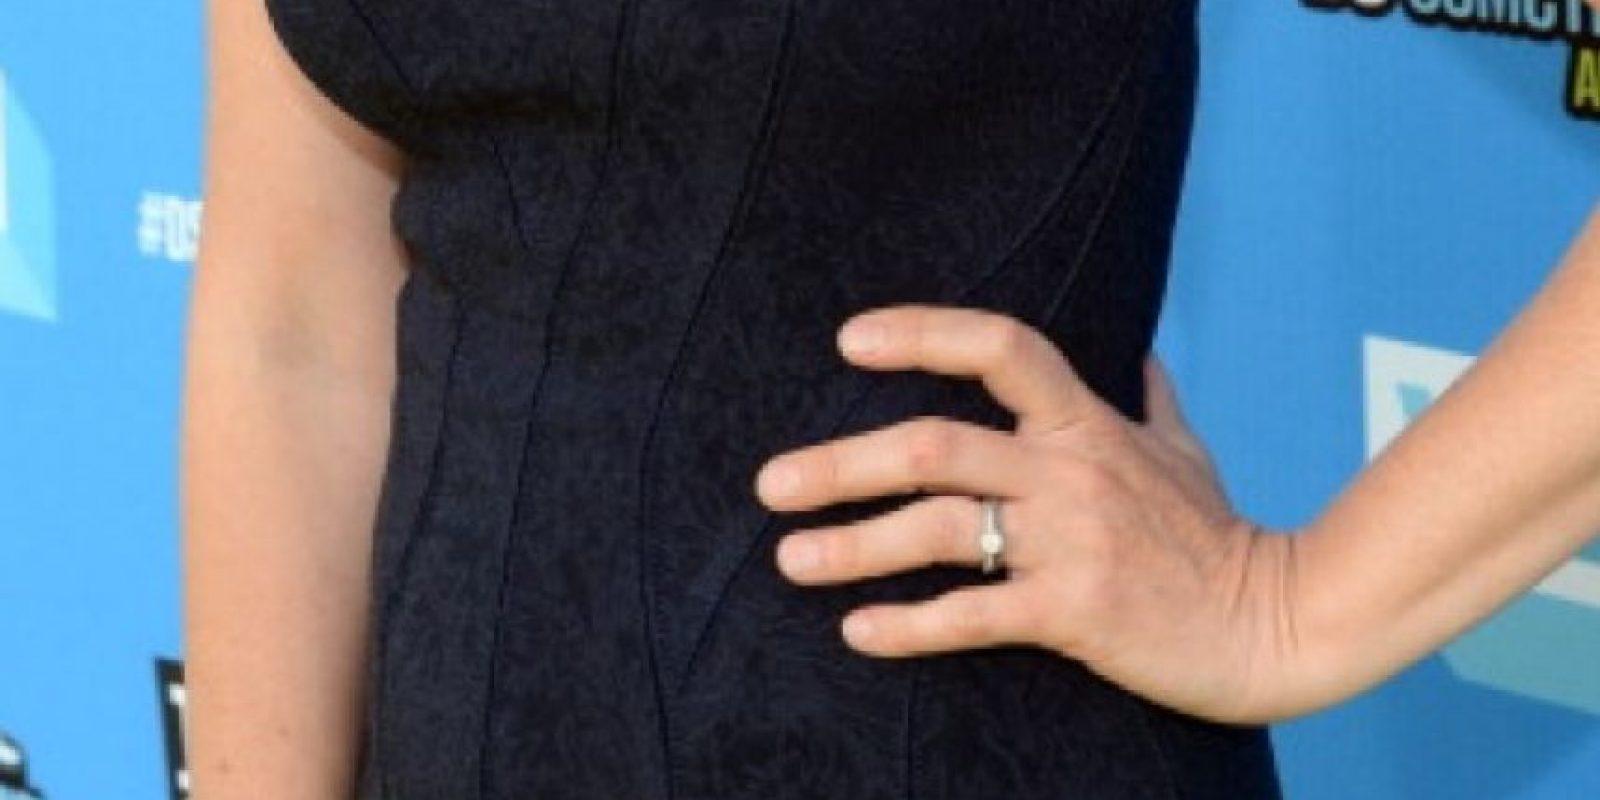 Los dedos de la actriz son algo grandes y anchos. Foto:Getty Images